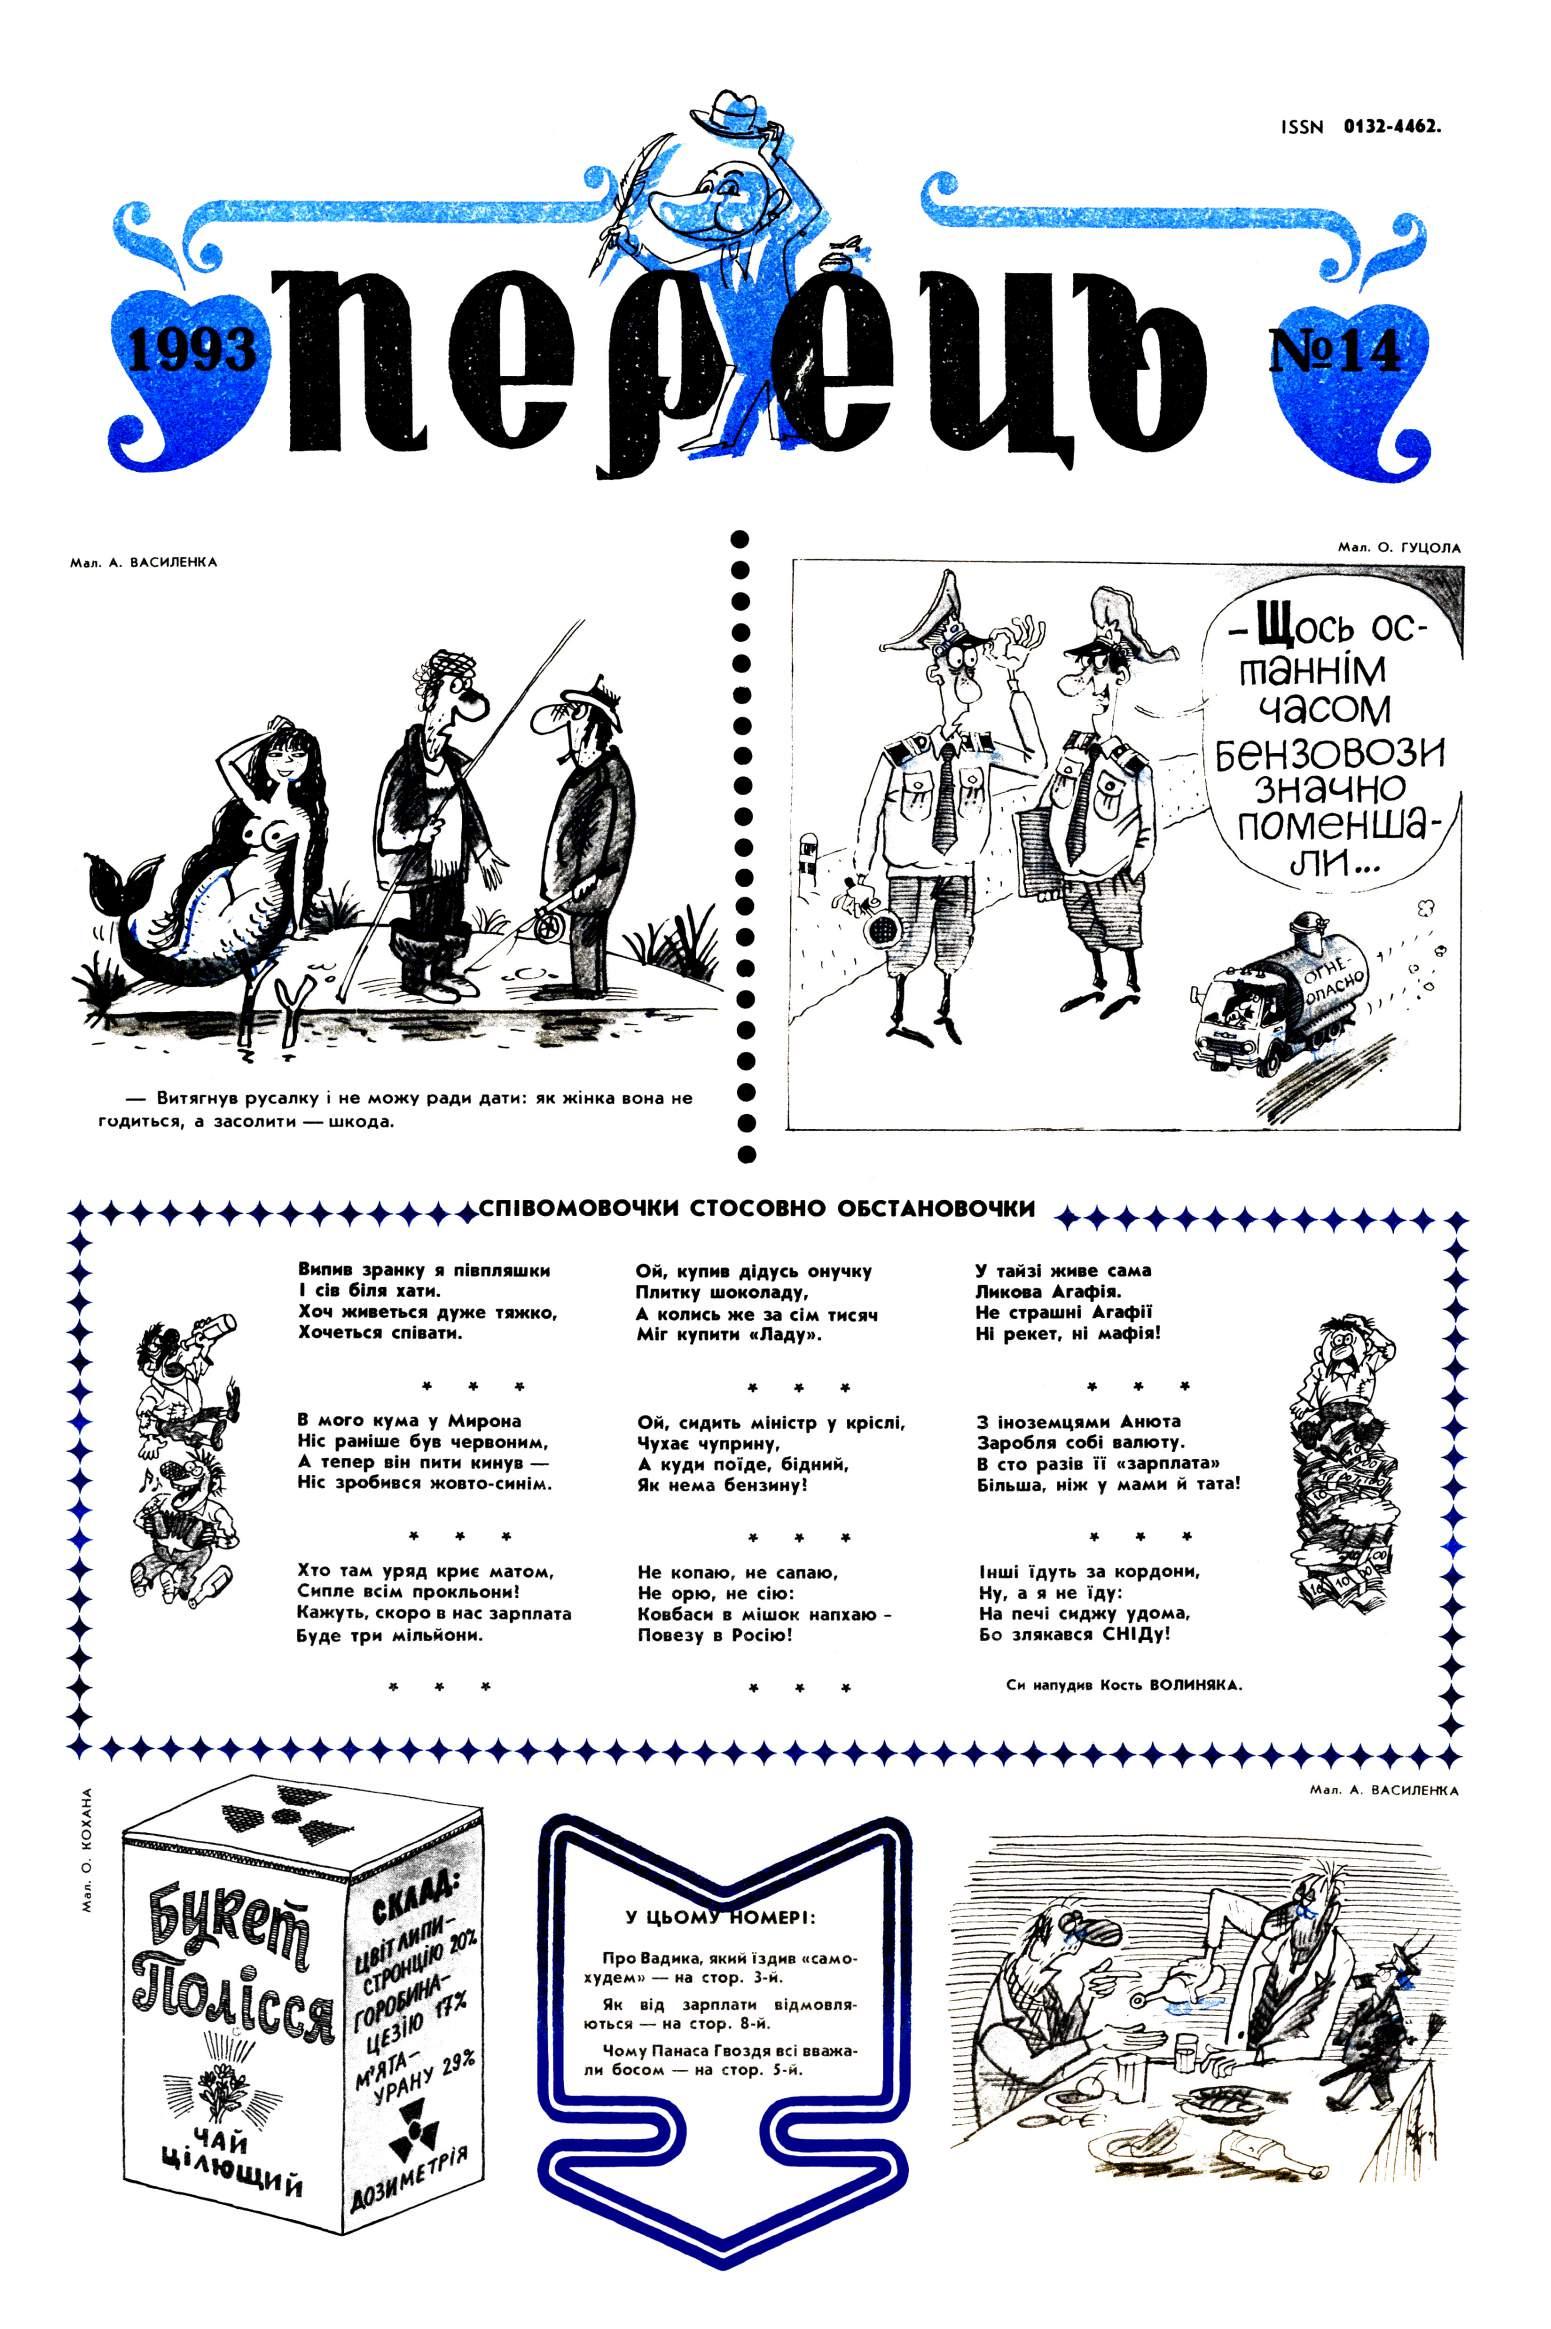 Журнал перець 1993 №14